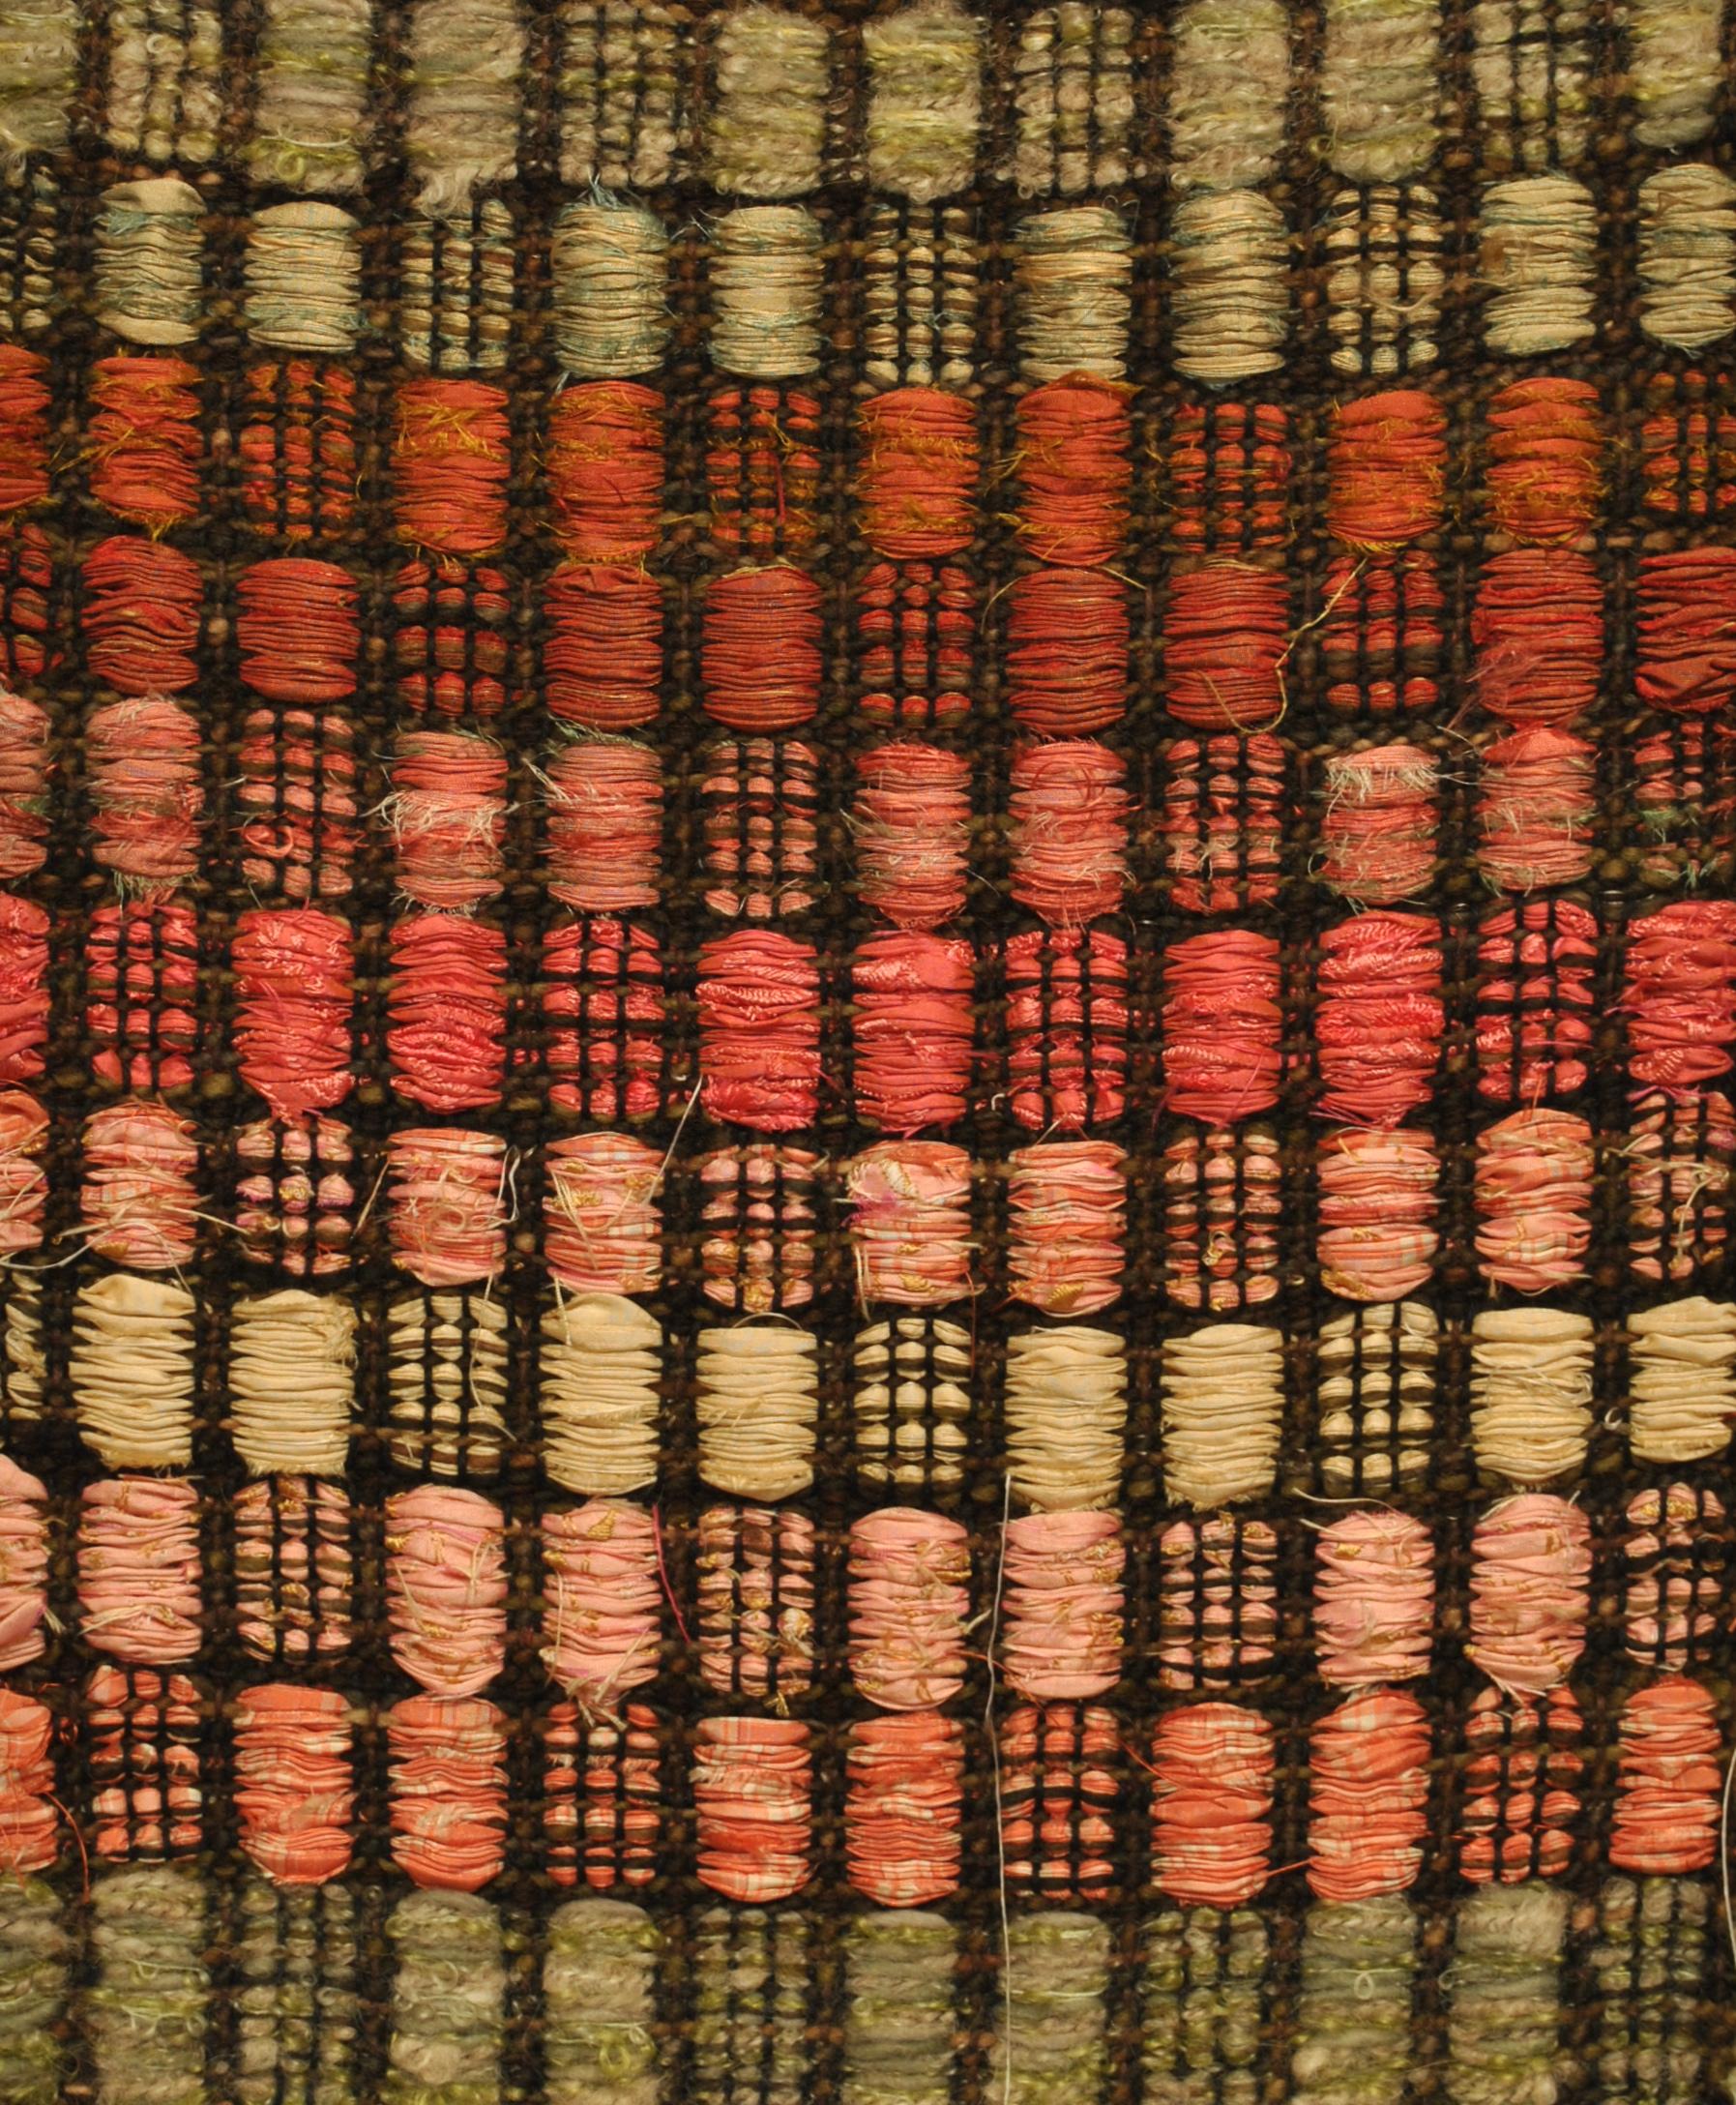 Lichen Series, Deborah Epstein